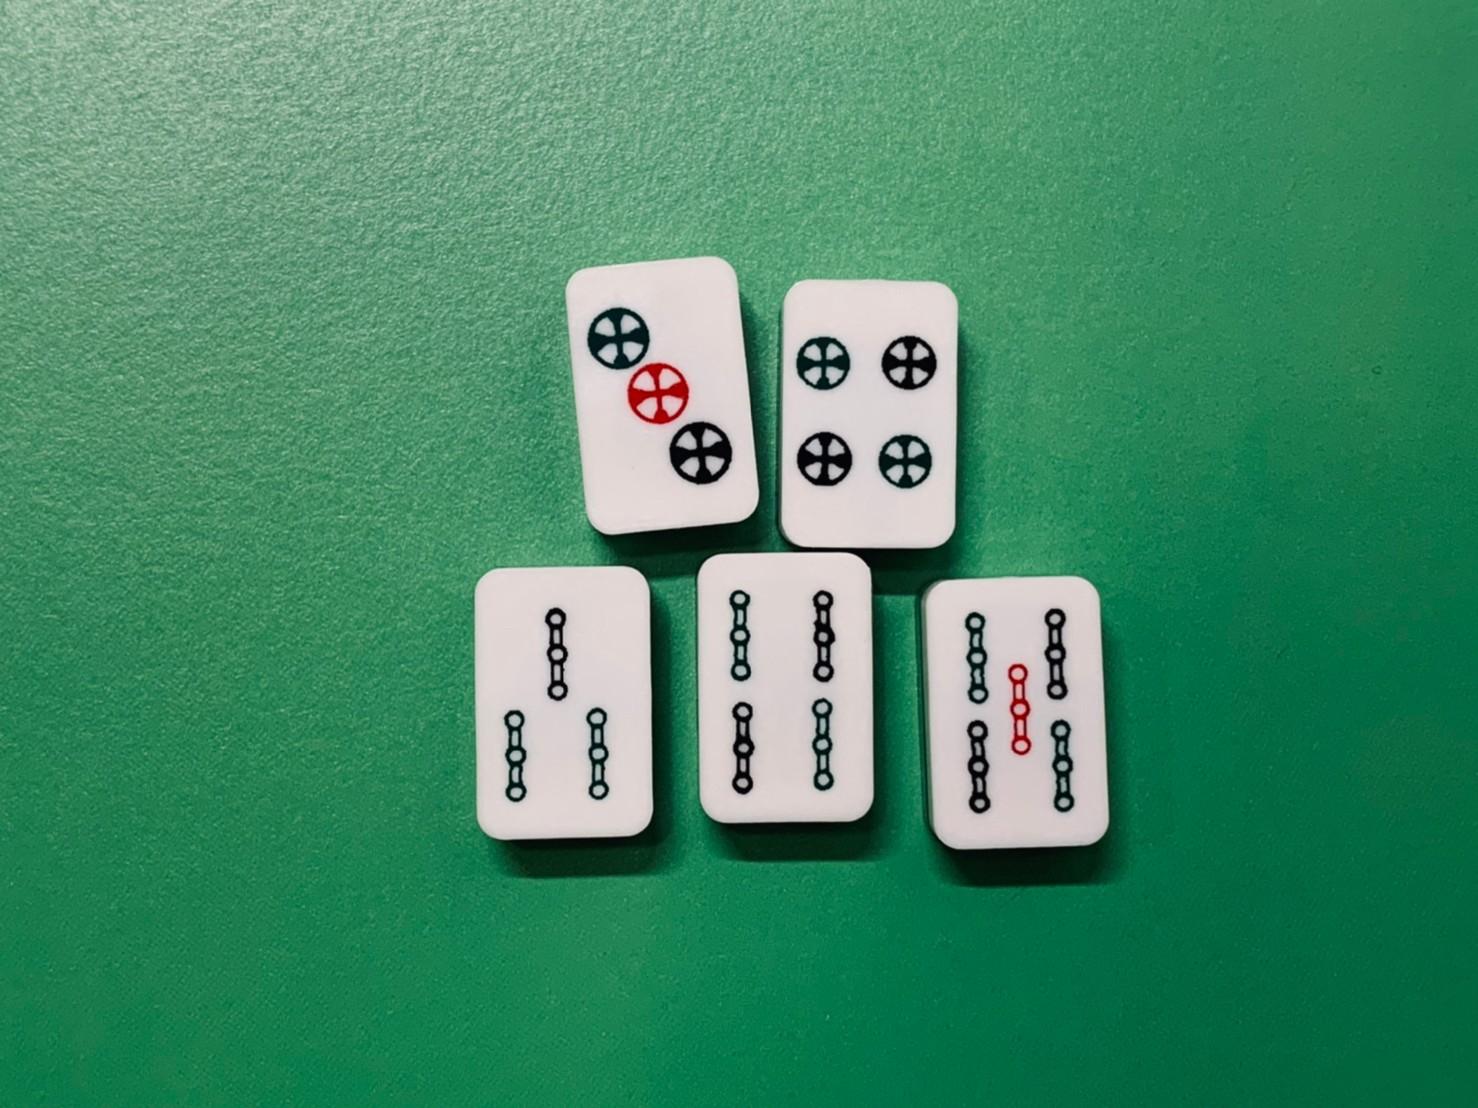 想打麻將擔心找不到牌咖嗎 ? 介紹這幾款線上麻將手遊 都是可以與朋友連線對戰的APP且有專屬的房間